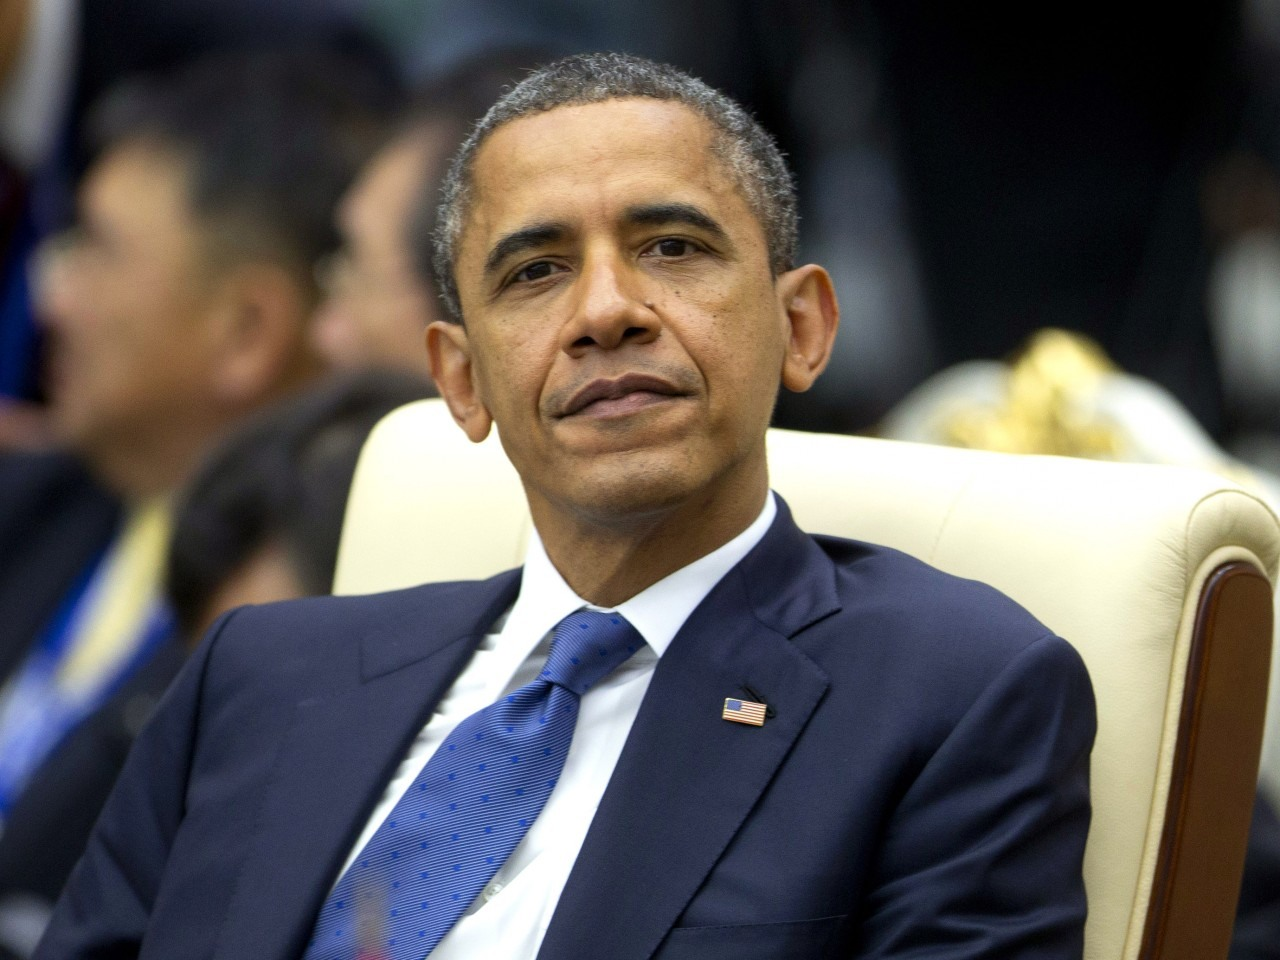 صورة أوباما: ترامب حريص على استمرار السياسة الخارجية الأمريكية